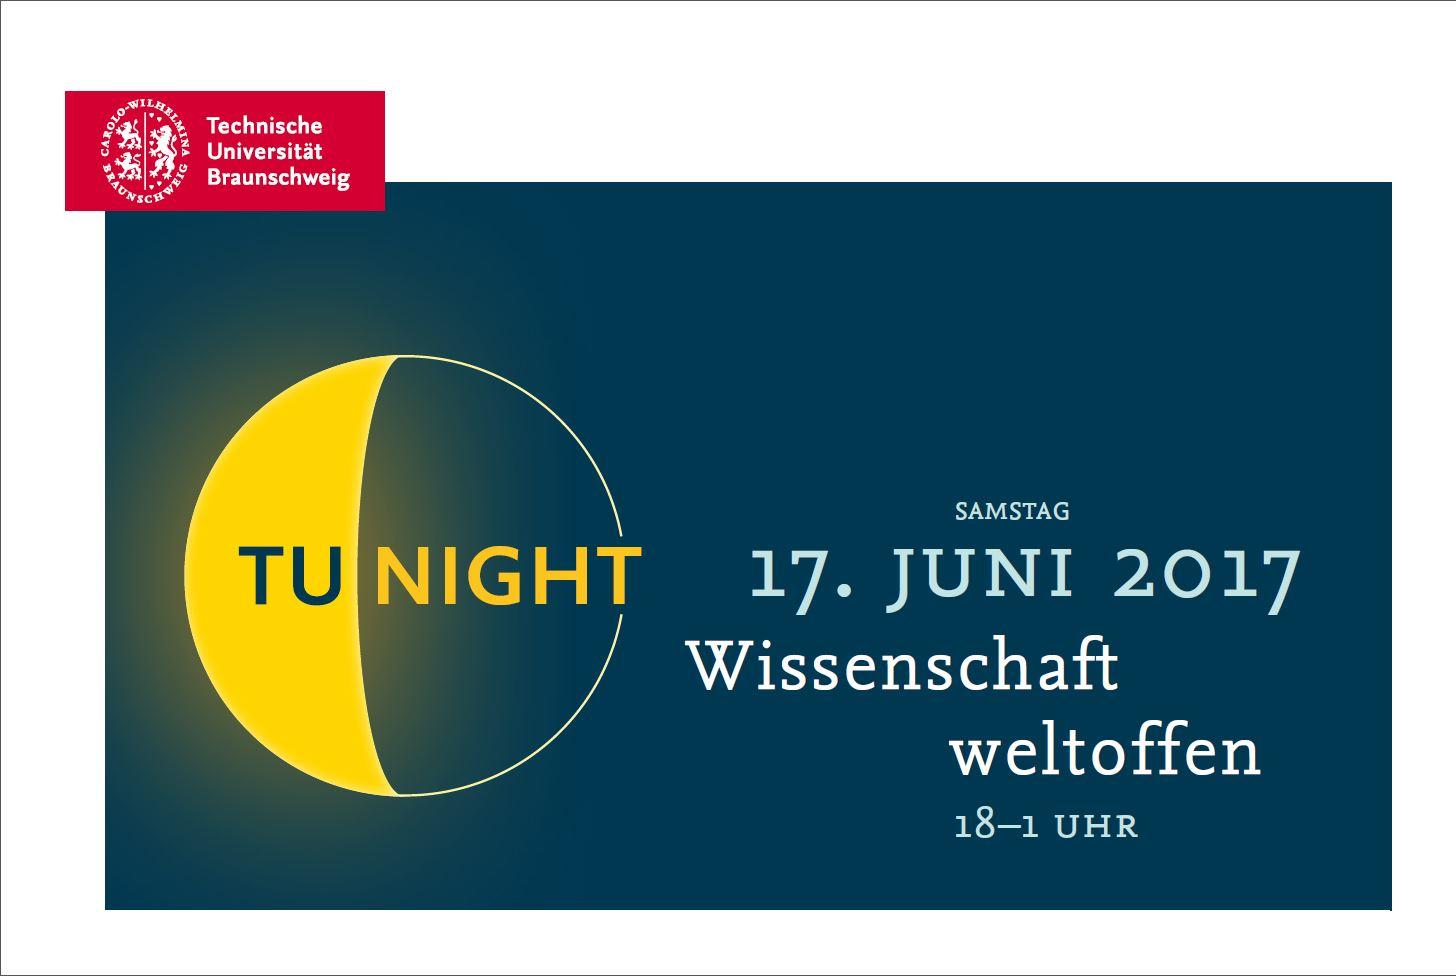 Das digitale Programmheft finden Sie unter www.tunight.de.